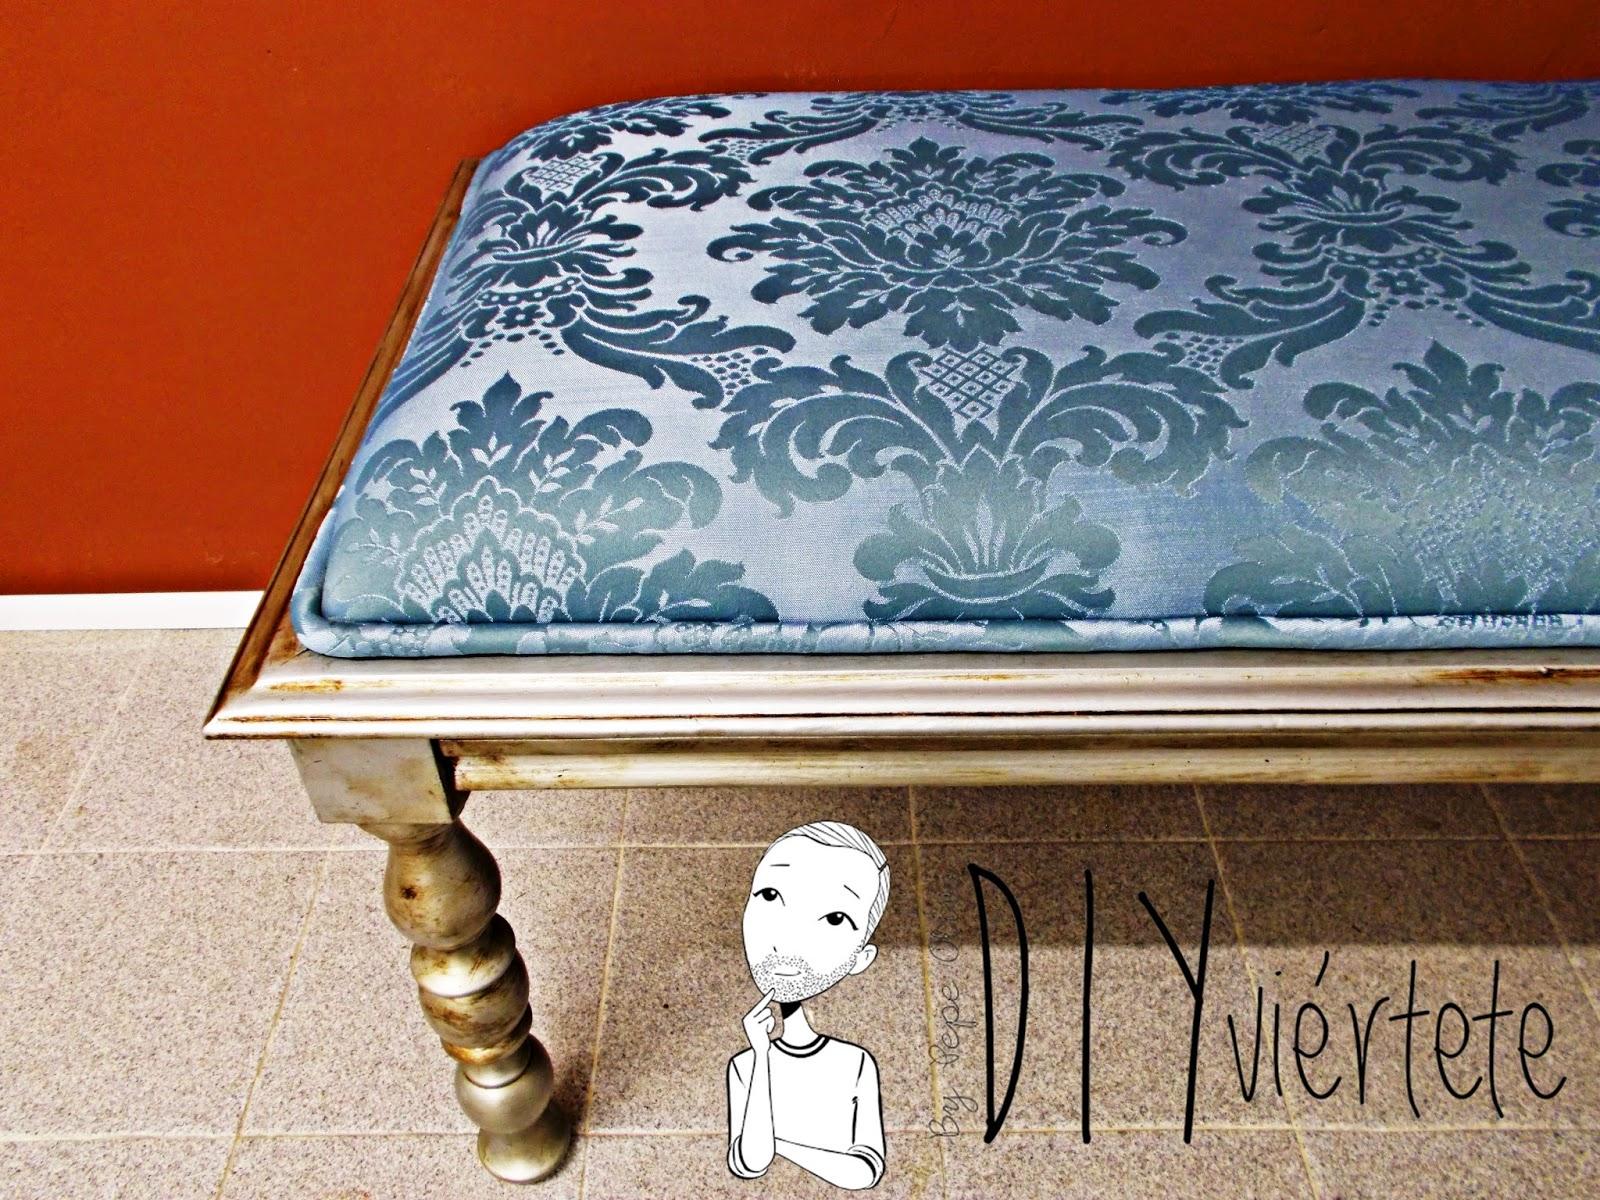 DIY-decoración-muebles-reciclar-reutilizar-basura-mesa-mesita-banqueta-pinter-restaurar-betún-Judea-brocado-espuma-miraguano-1